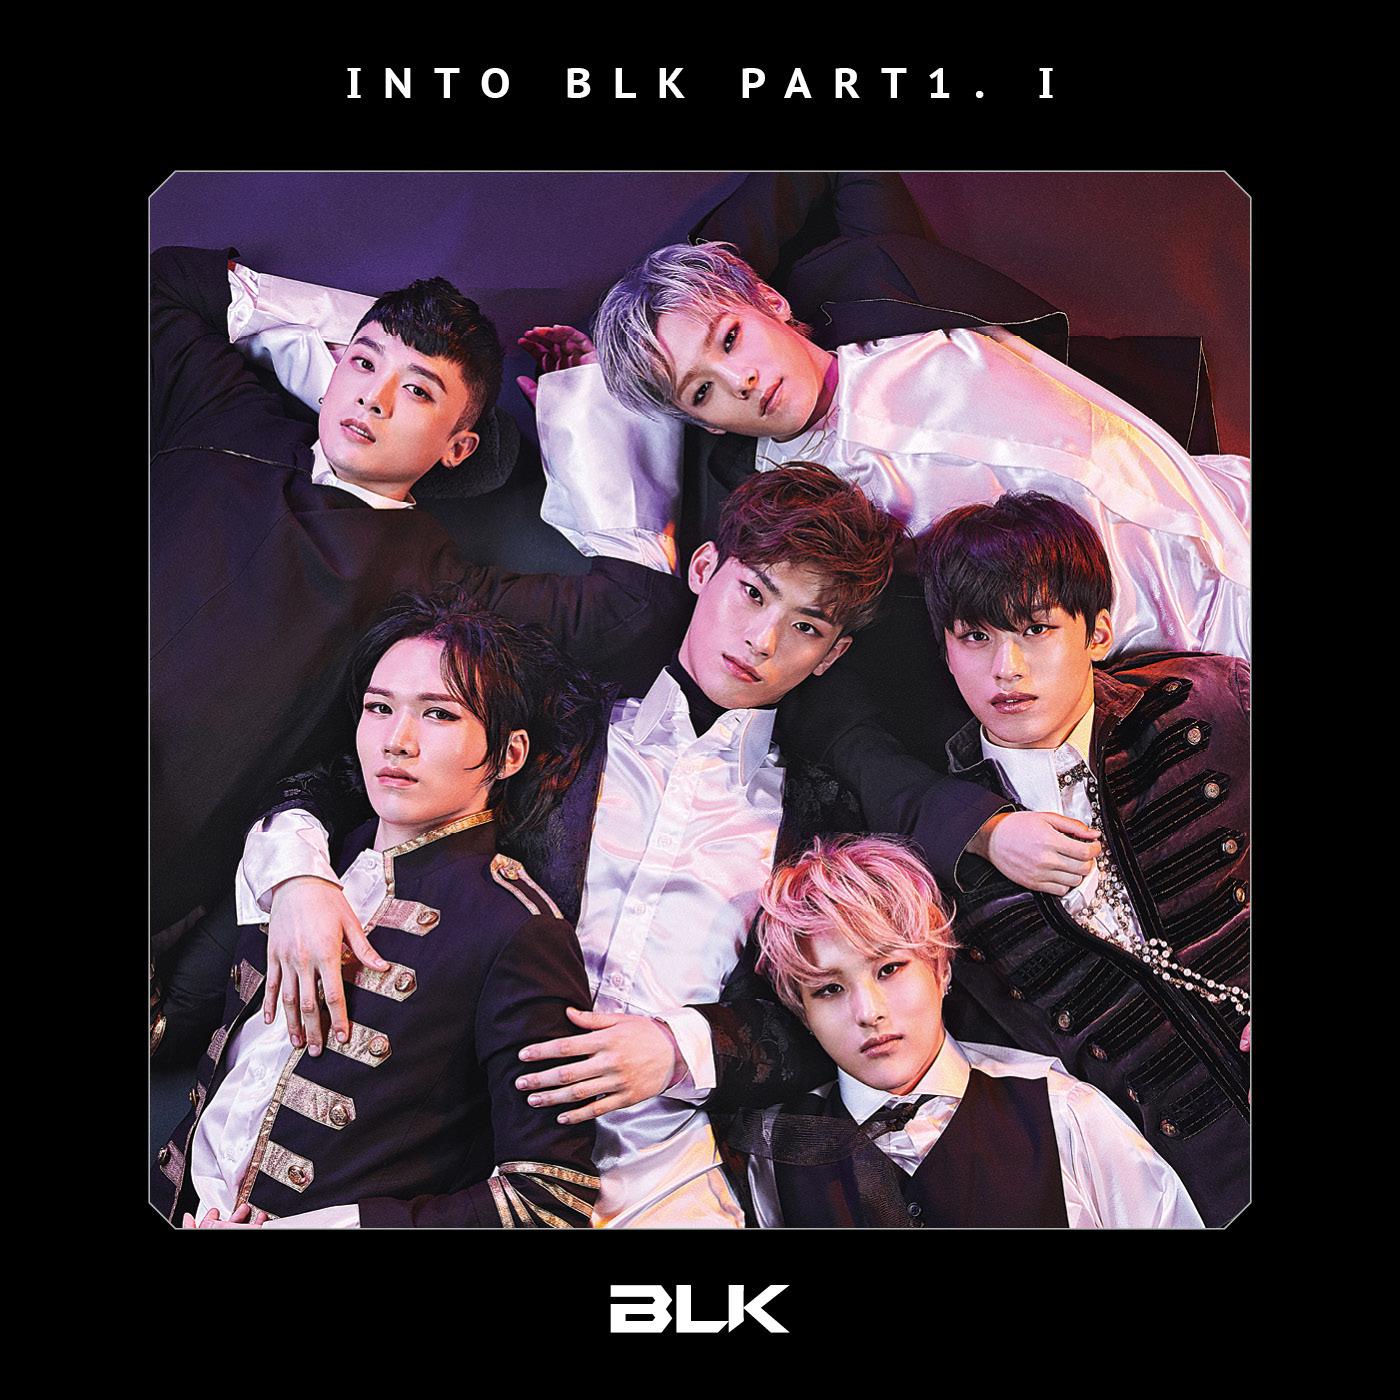 Into BLK Part1. I